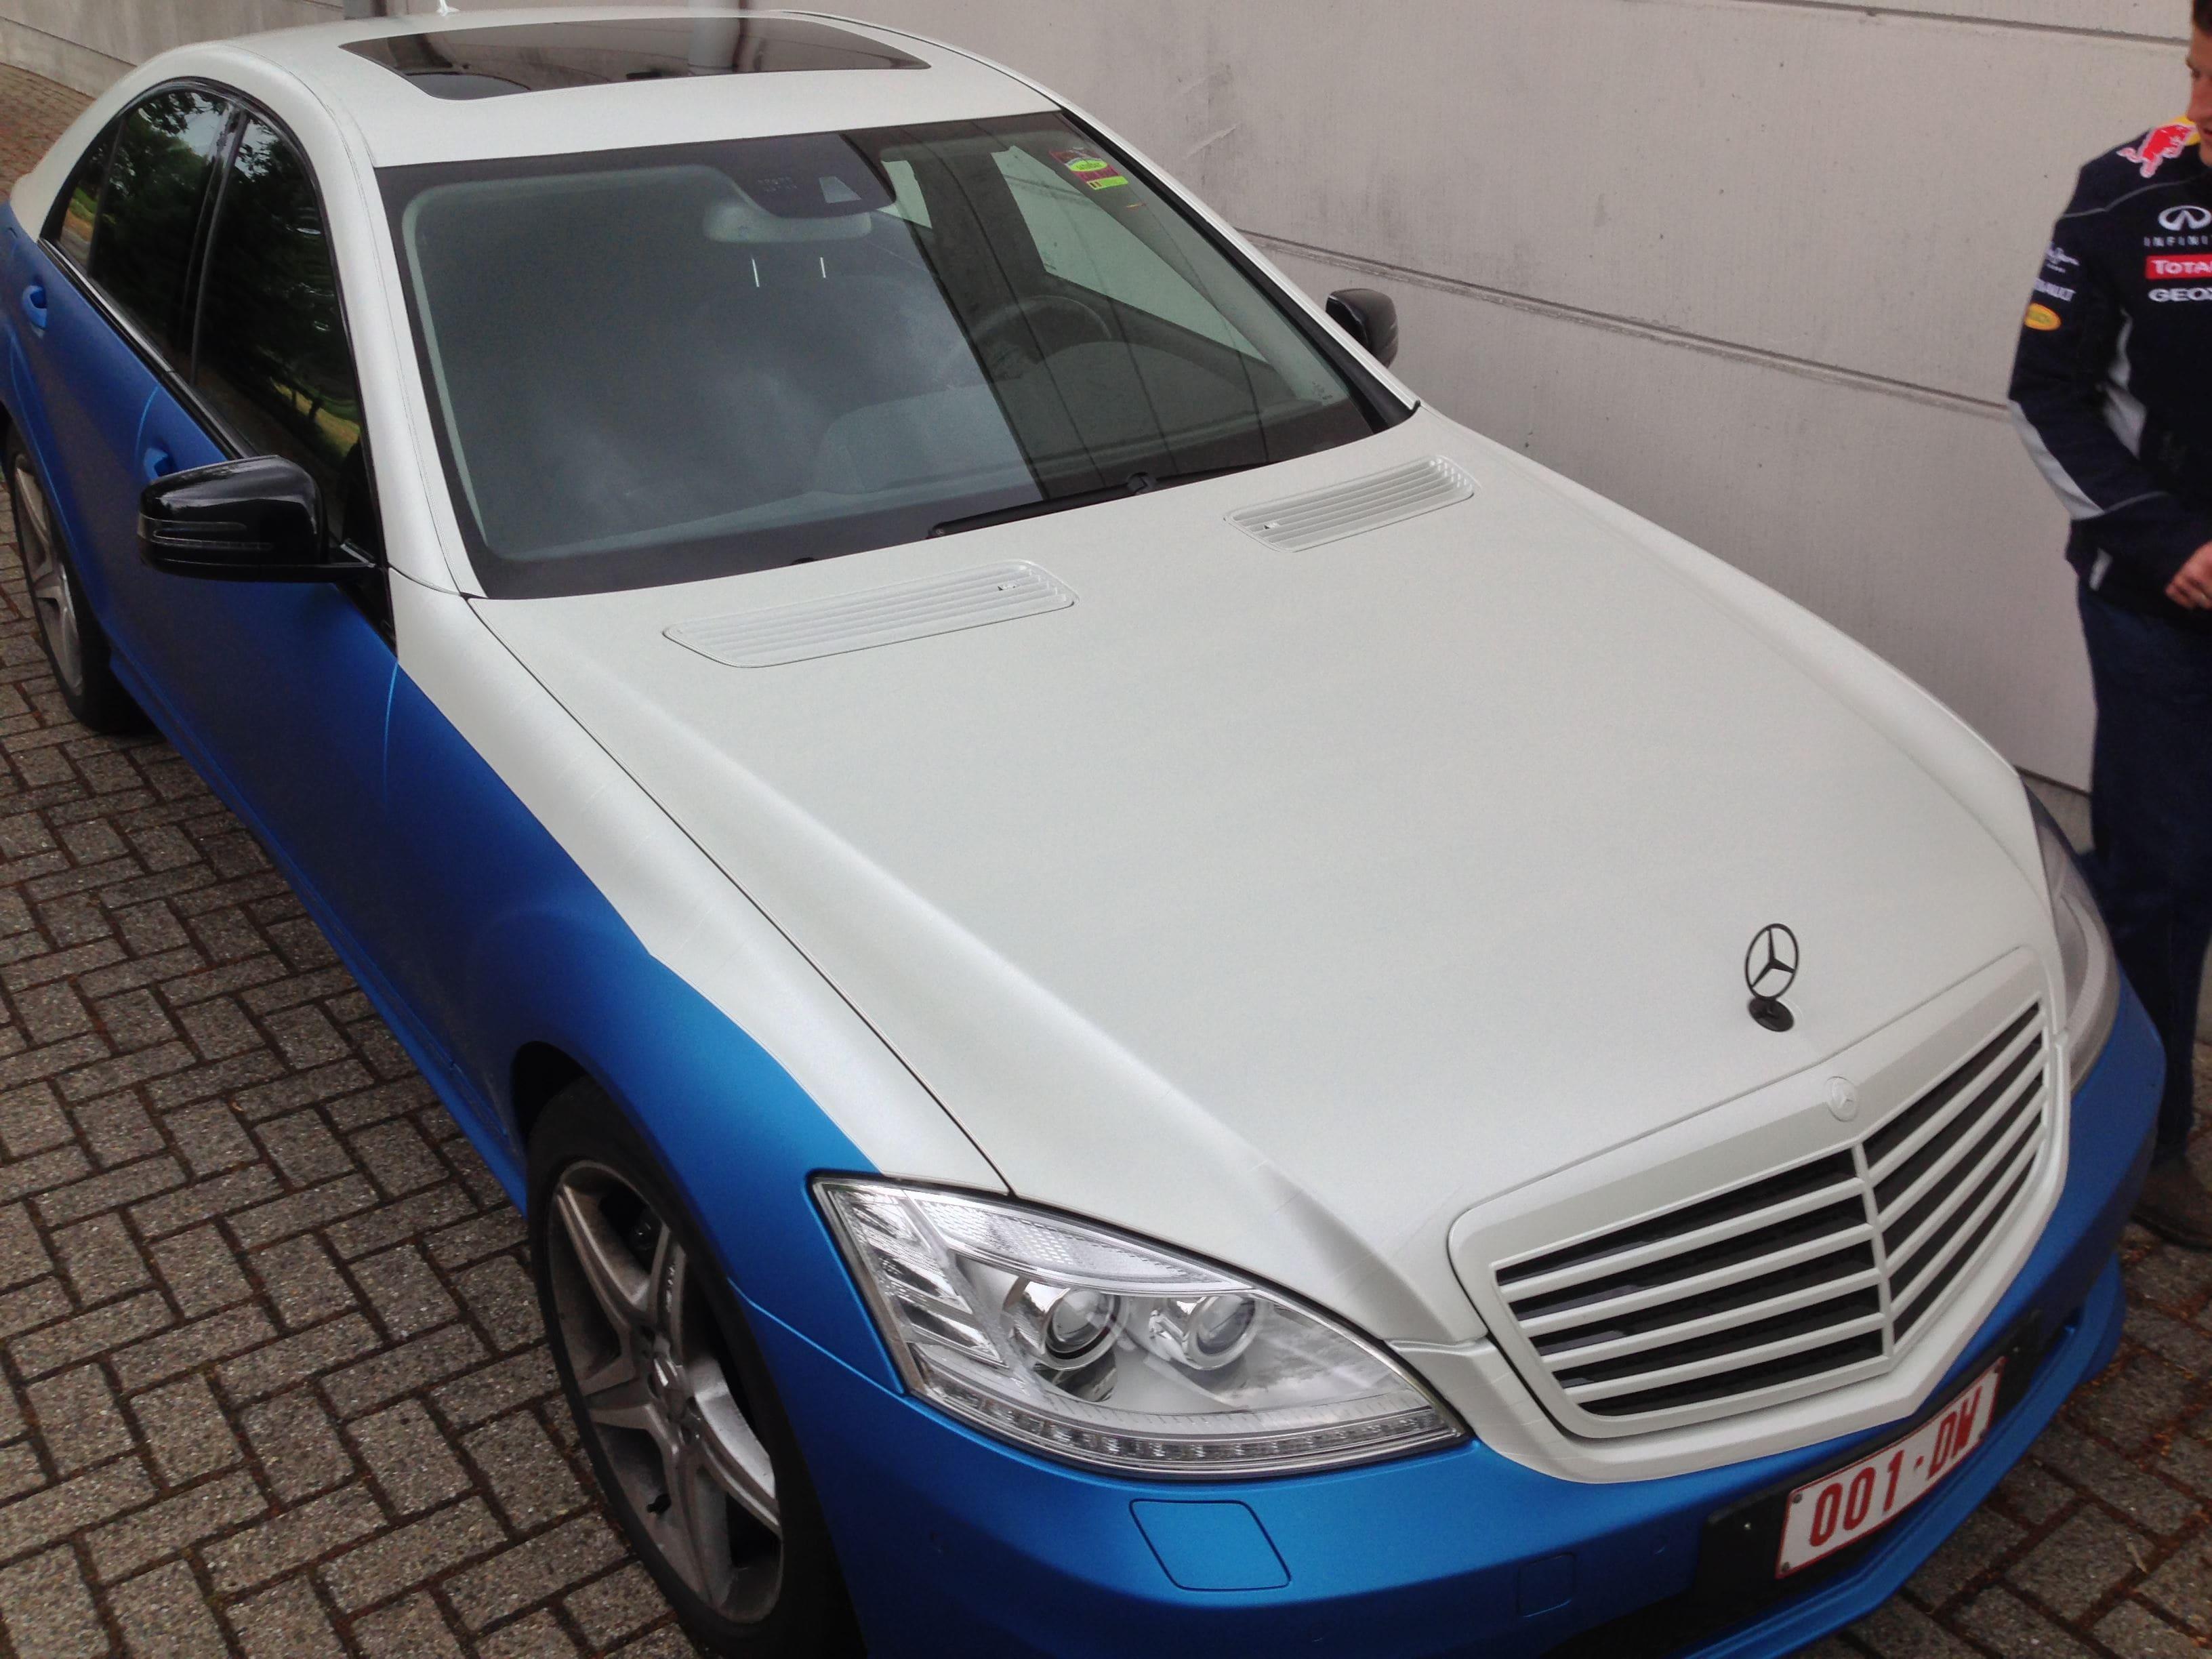 Mercedes S-Klasse AMG met Speciale Modball Wrap, Carwrapping door Wrapmyride.nu Foto-nr:6319, ©2020